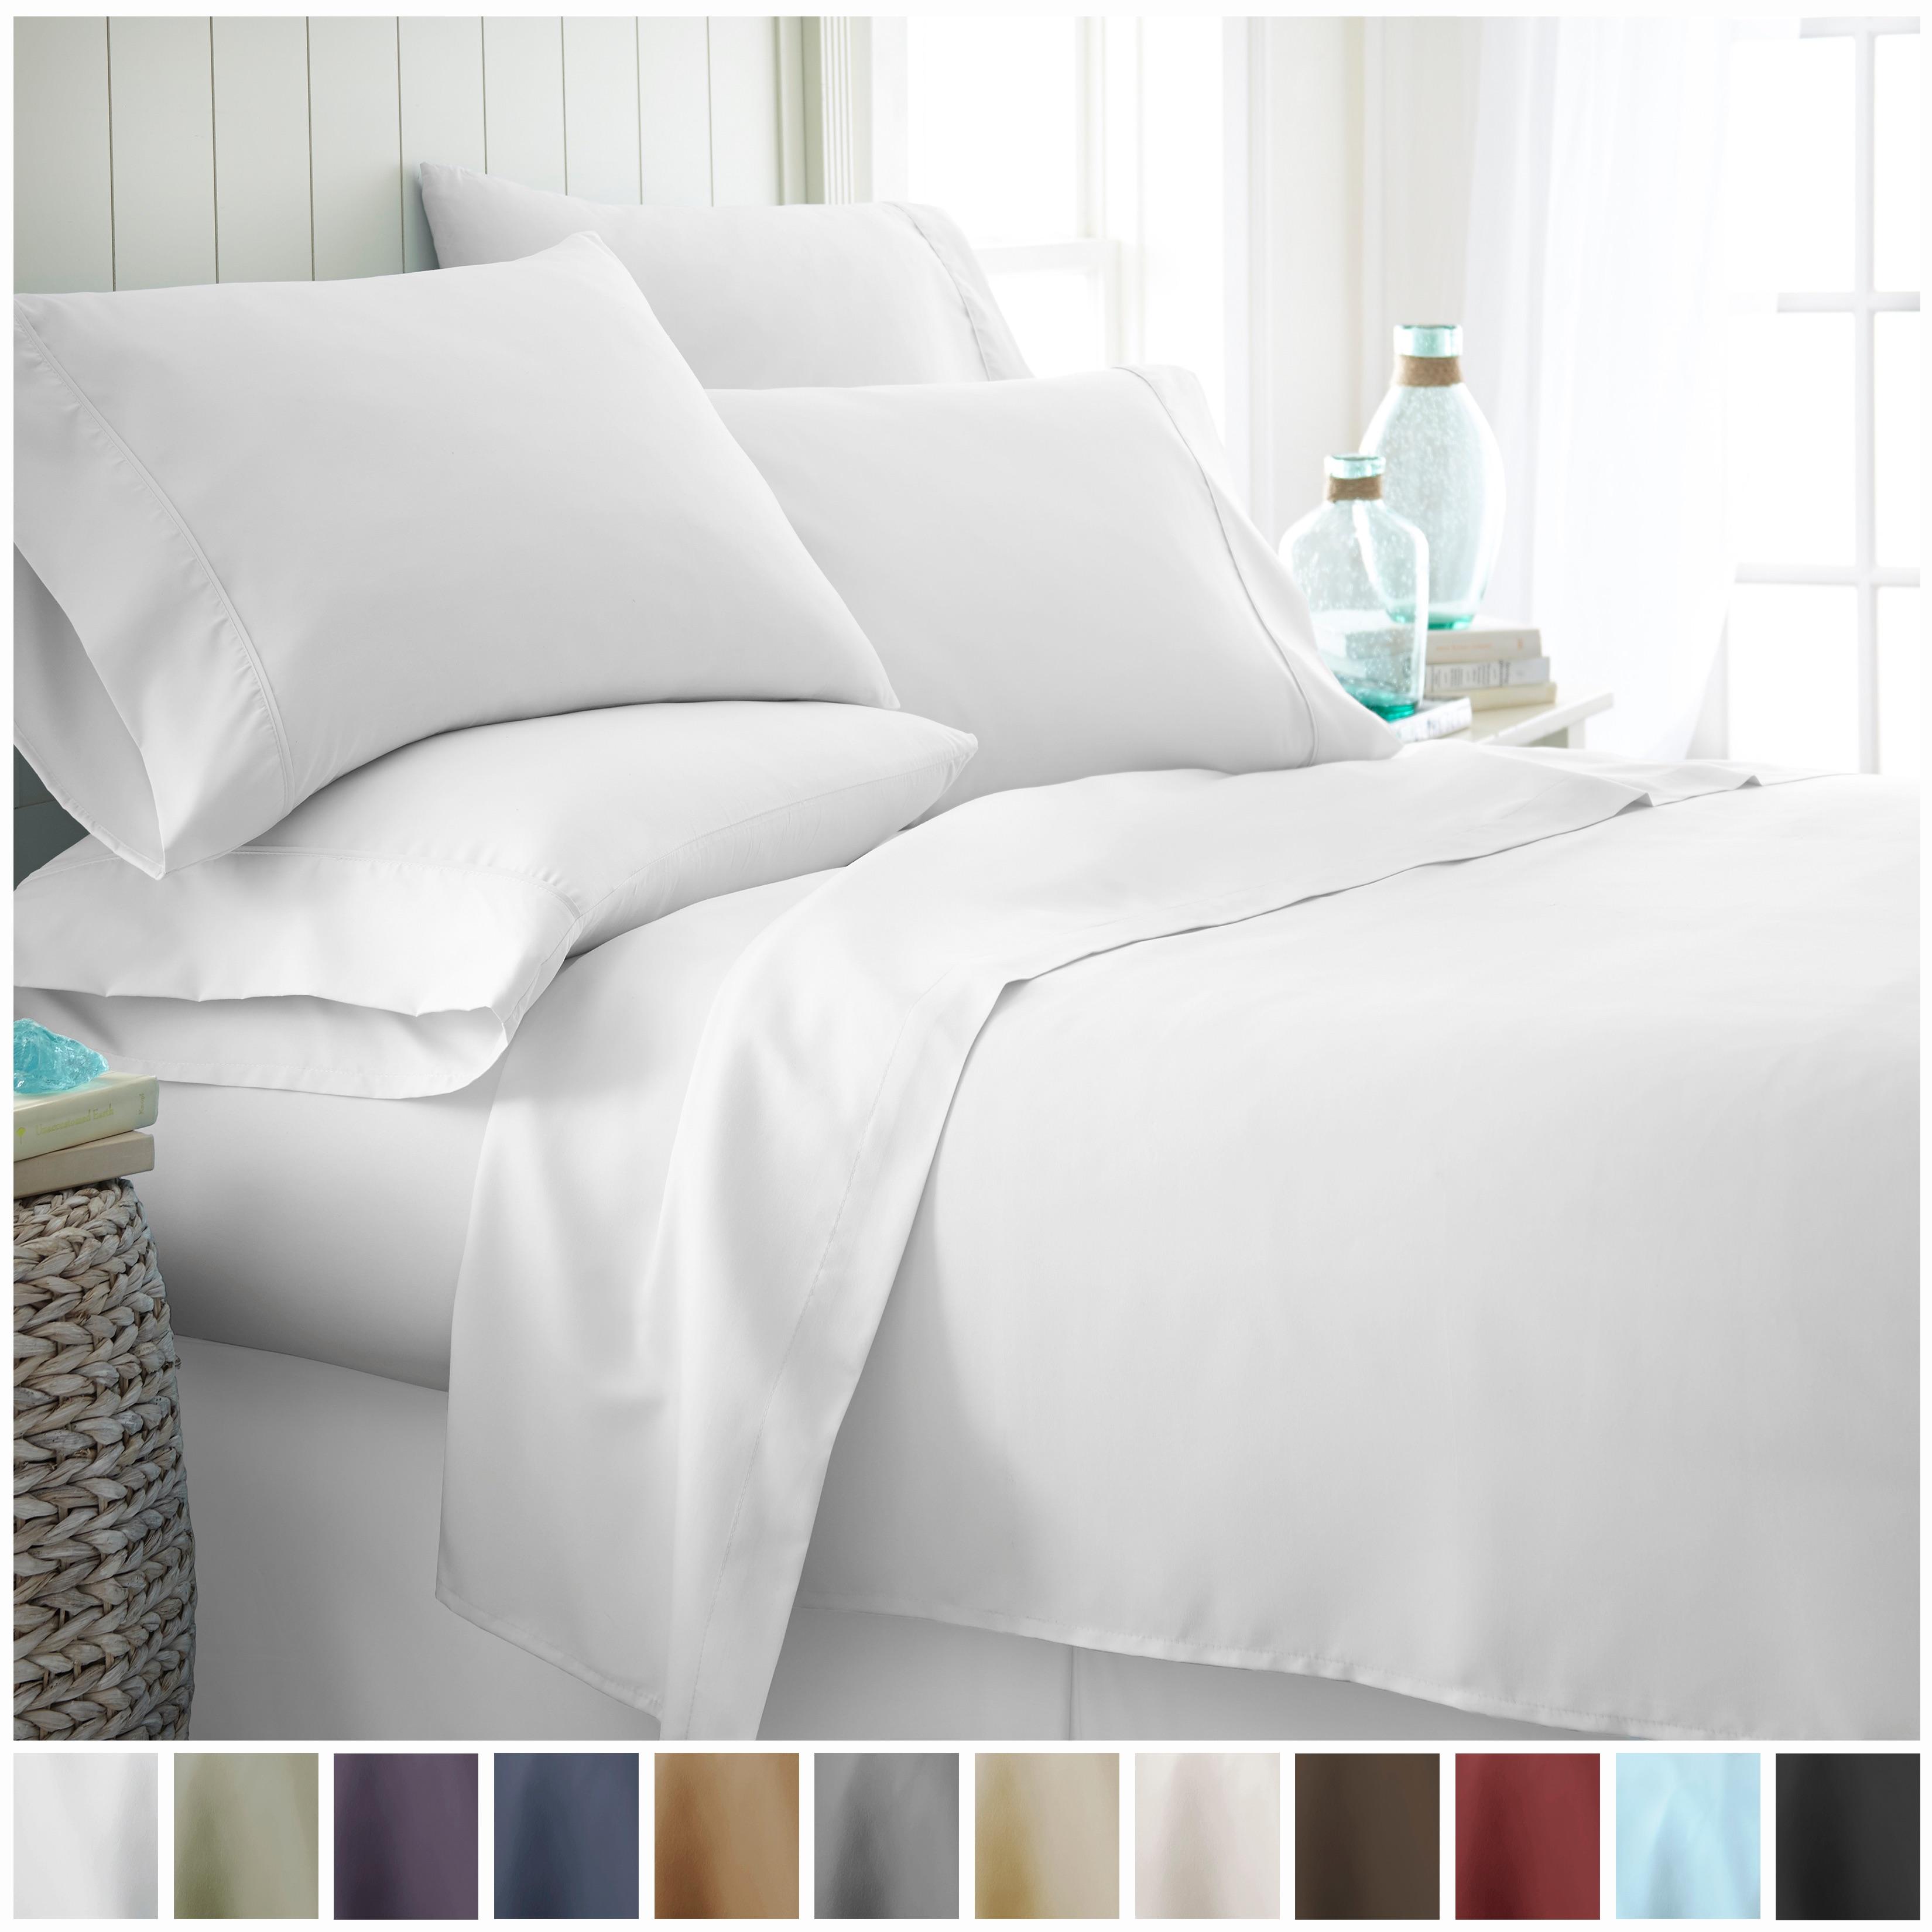 ienjoy Home Premium Ultra Soft 6 Piece Bed Sheet Set